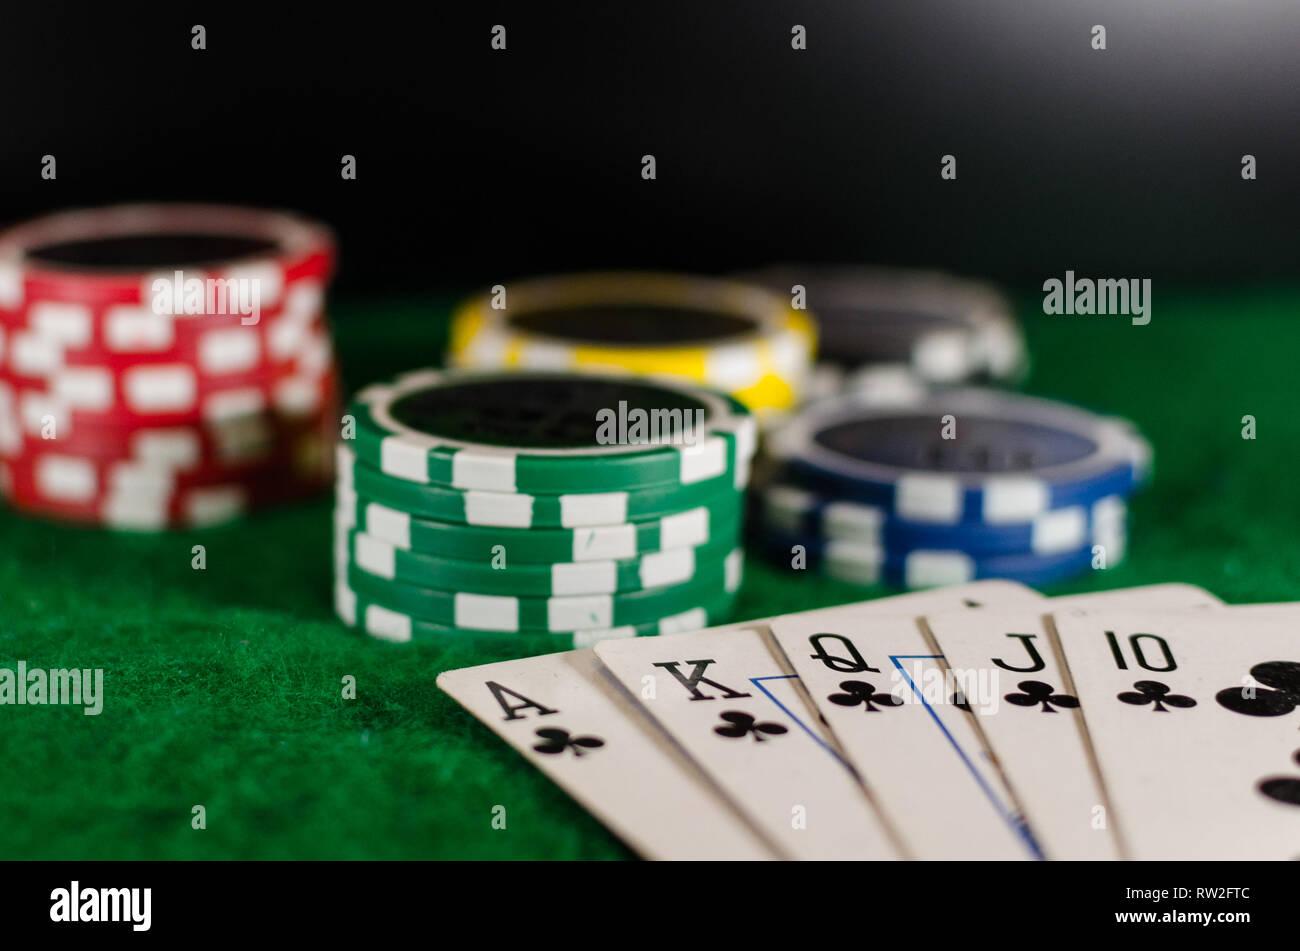 Casino still life - Stock Image